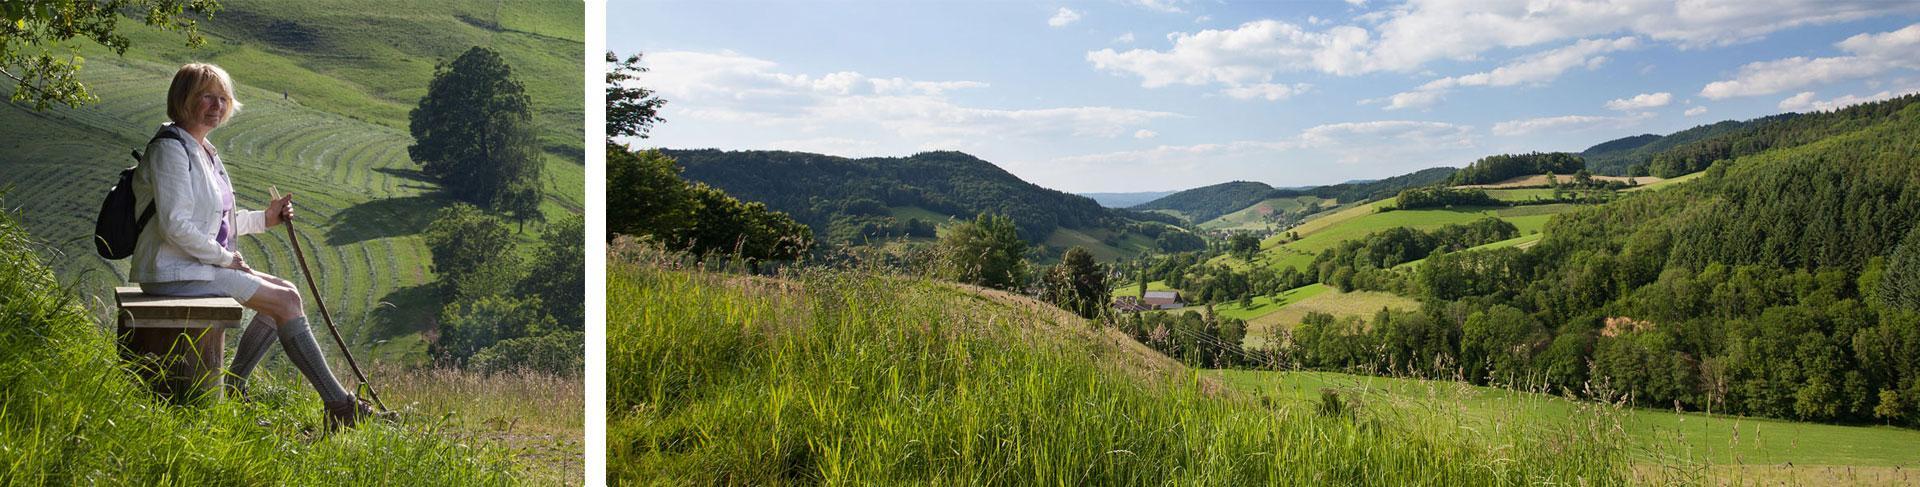 Ausblick bei einer Wanderung vom Berg ins Tal hinein